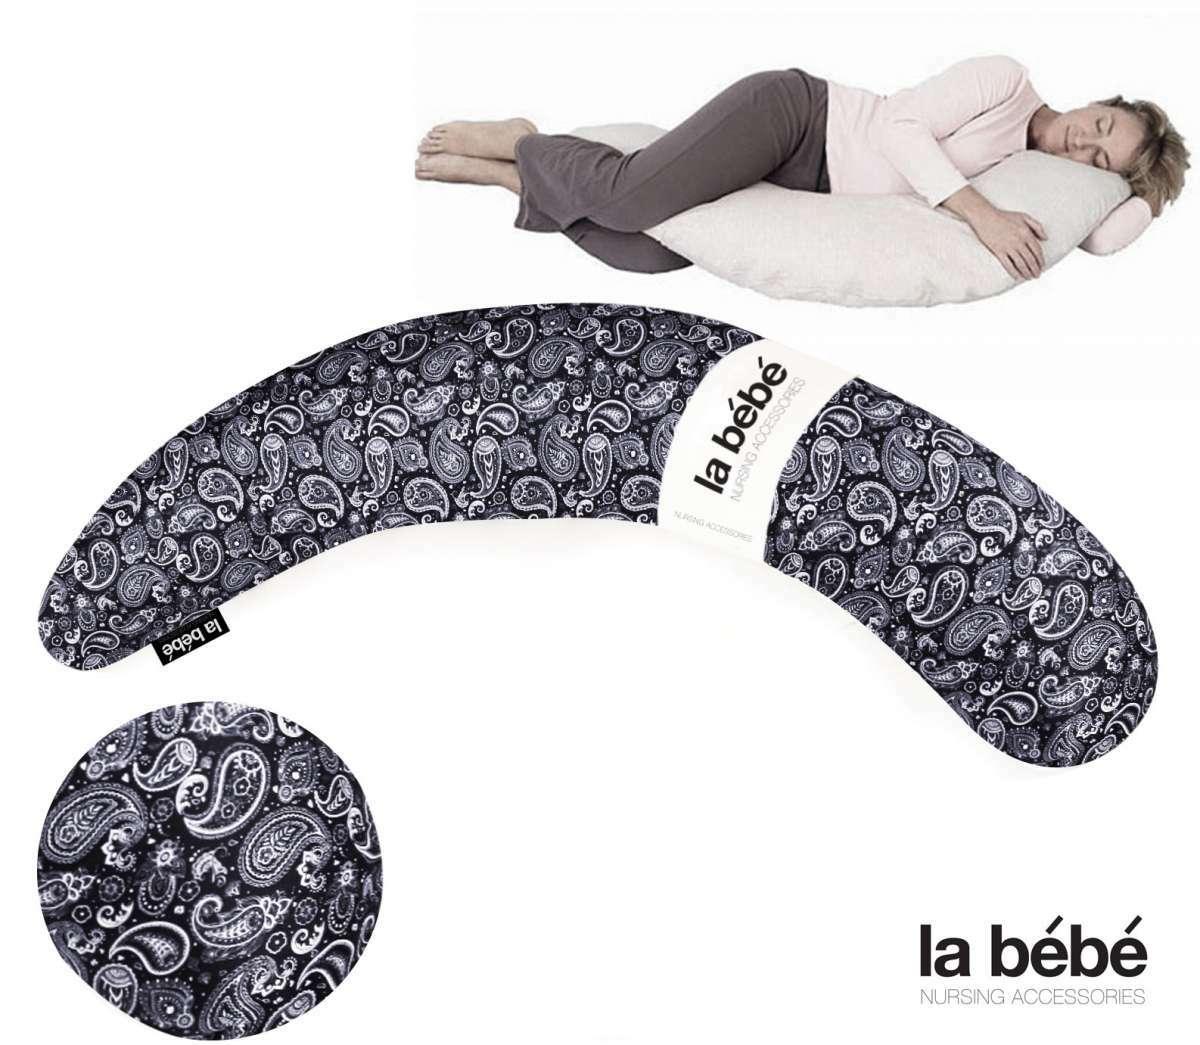 La Bebe™ Pregnancy Pillow Cover Art.2874  Papildus pārvalks pakaviņam 36*185 cm